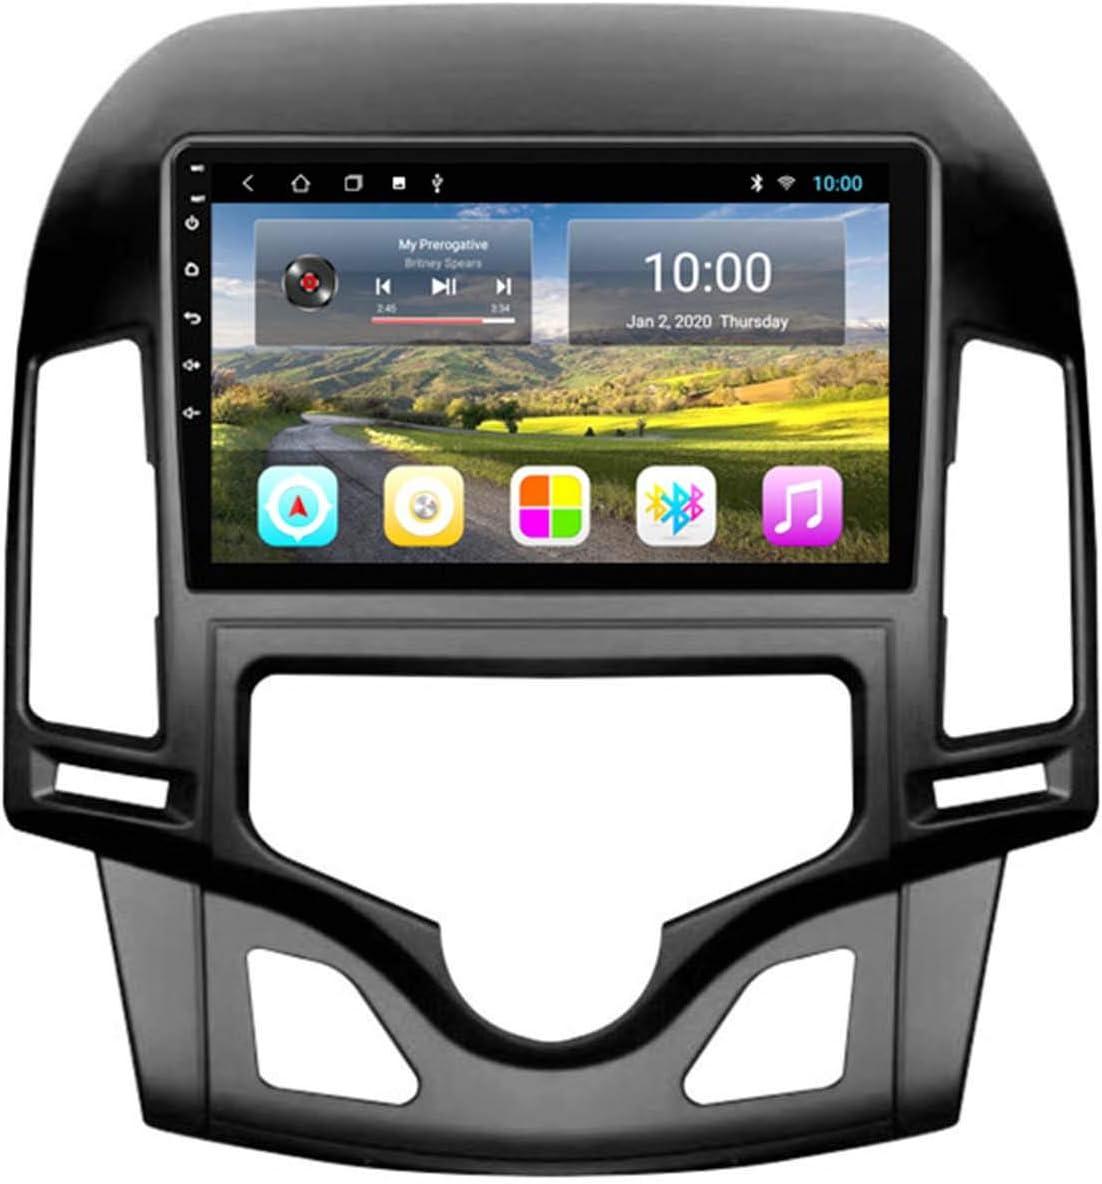 GPS 2G + 32GB Coche GPS Big Screen Reversing Video All-in-One Máquina Para 06-11 Navegación De Hyundai I30GPS, Notificación De Voz De Varias Condiciones De Tráf(Size:Automatic air conditioner 2G+32G )